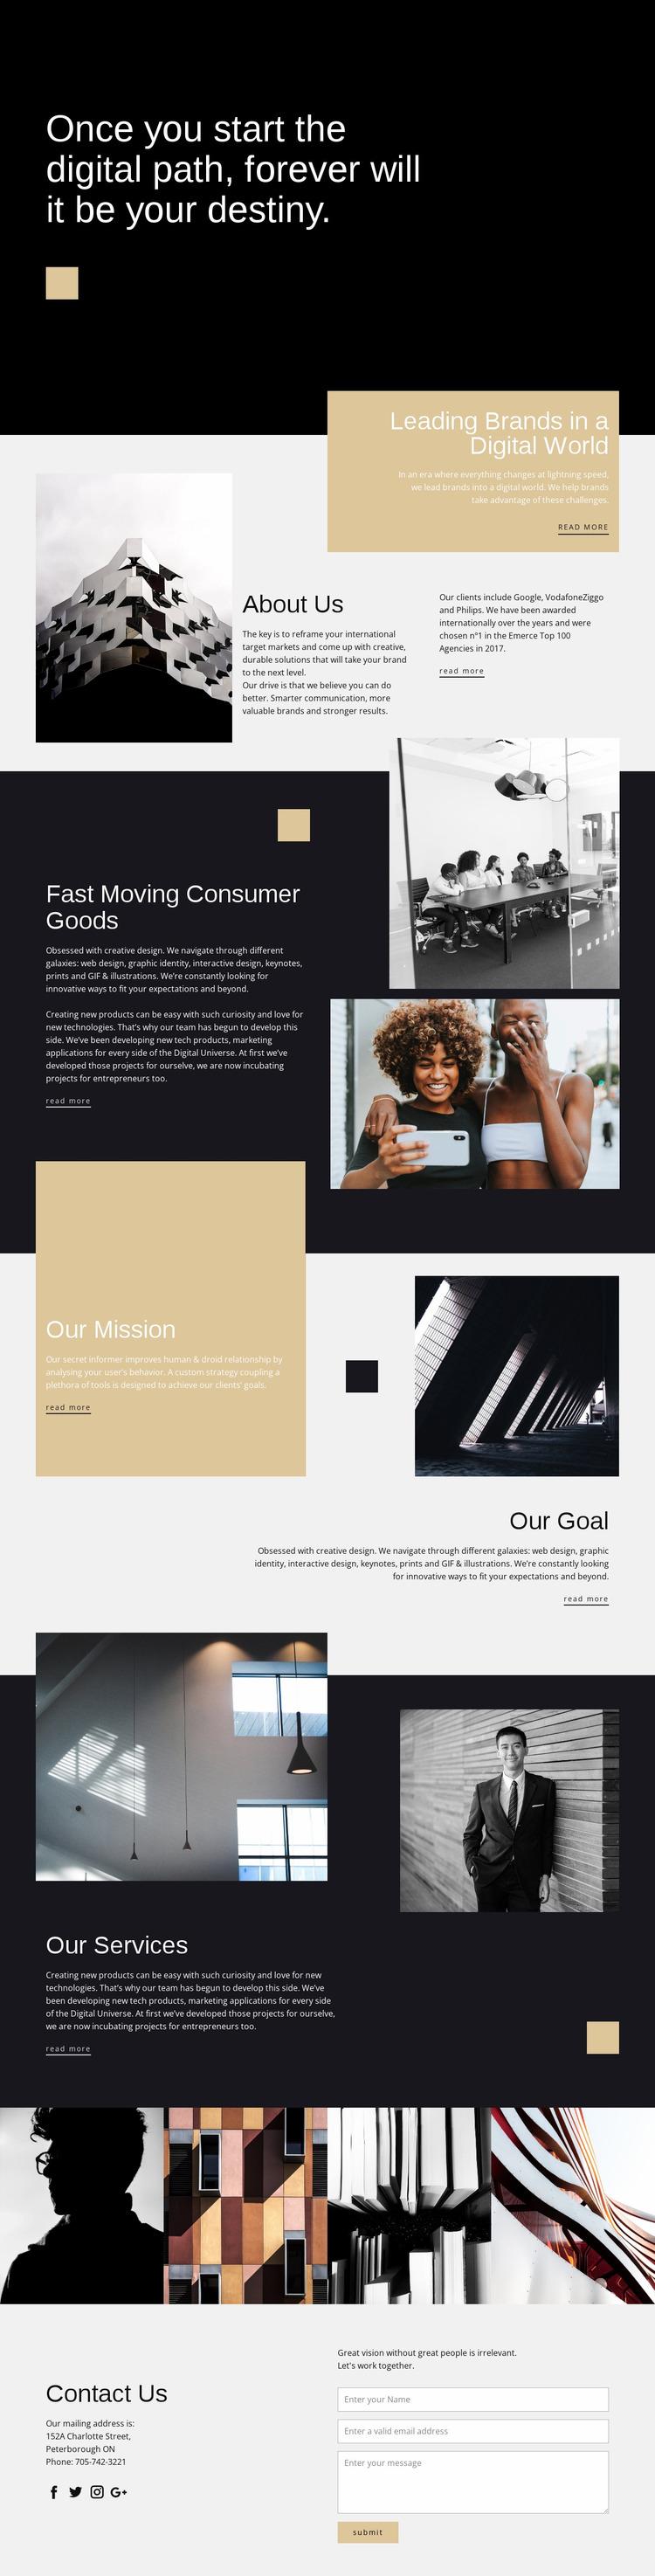 Destiny photo studio Website Mockup